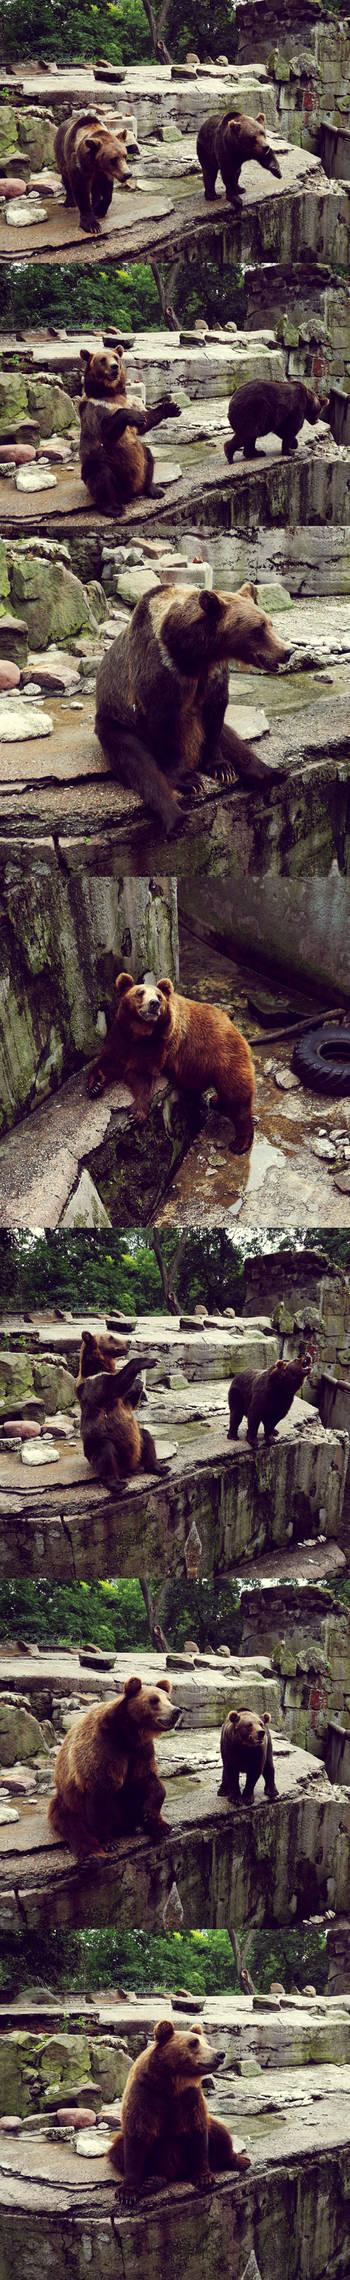 20110726::Koenig zoo 10